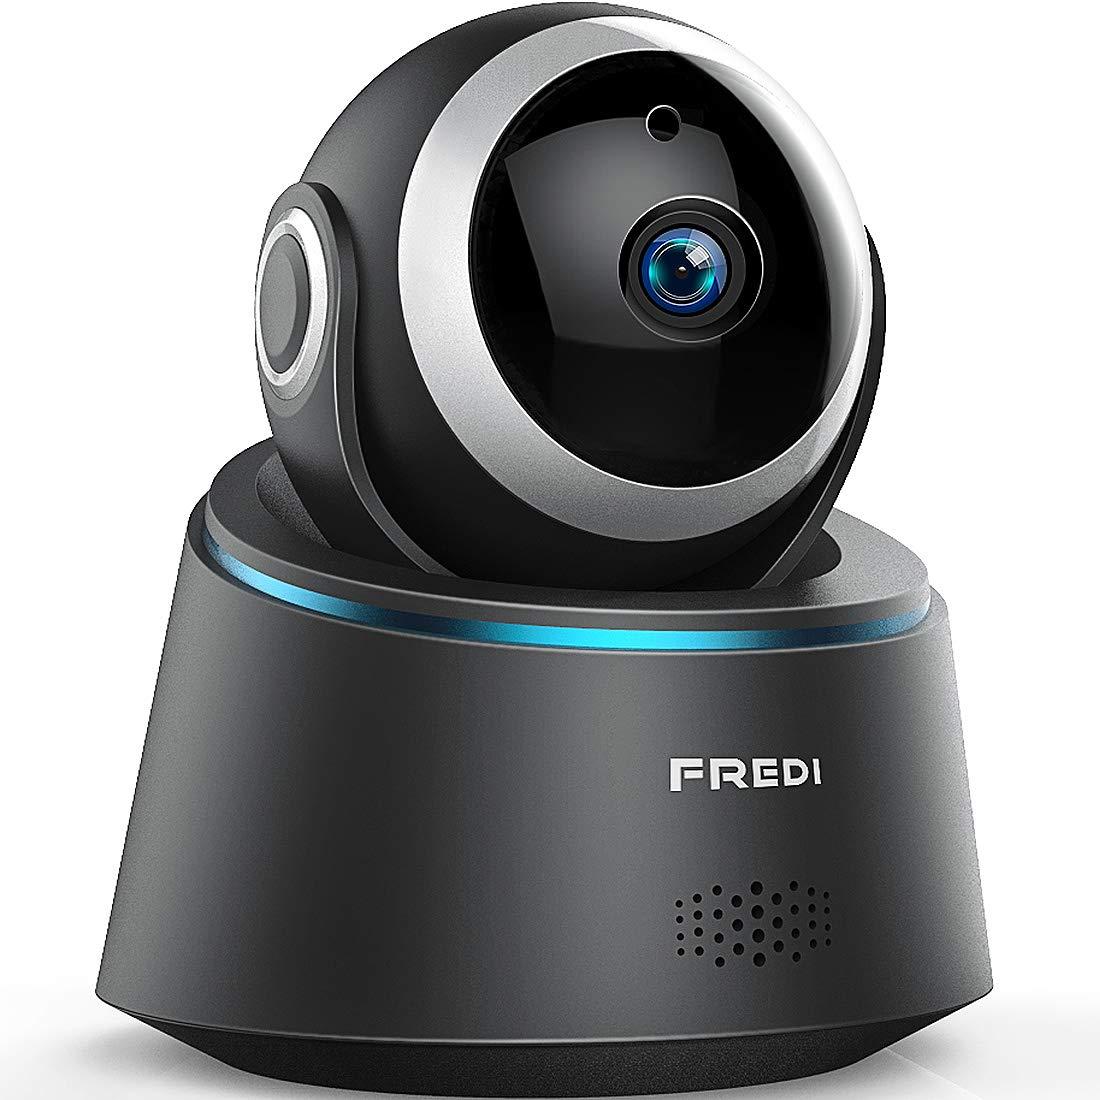 WLAN IP Kamera 1080p Indoor, FREDI Full HD Ü berwachungskamera WLAN Camera Videoü berwachungksamera 350° /100° Schwenkbar mit Bewegungserkennung IR Nachtsicht Zwei Wege Audio Babyphone Diebstahlschutz